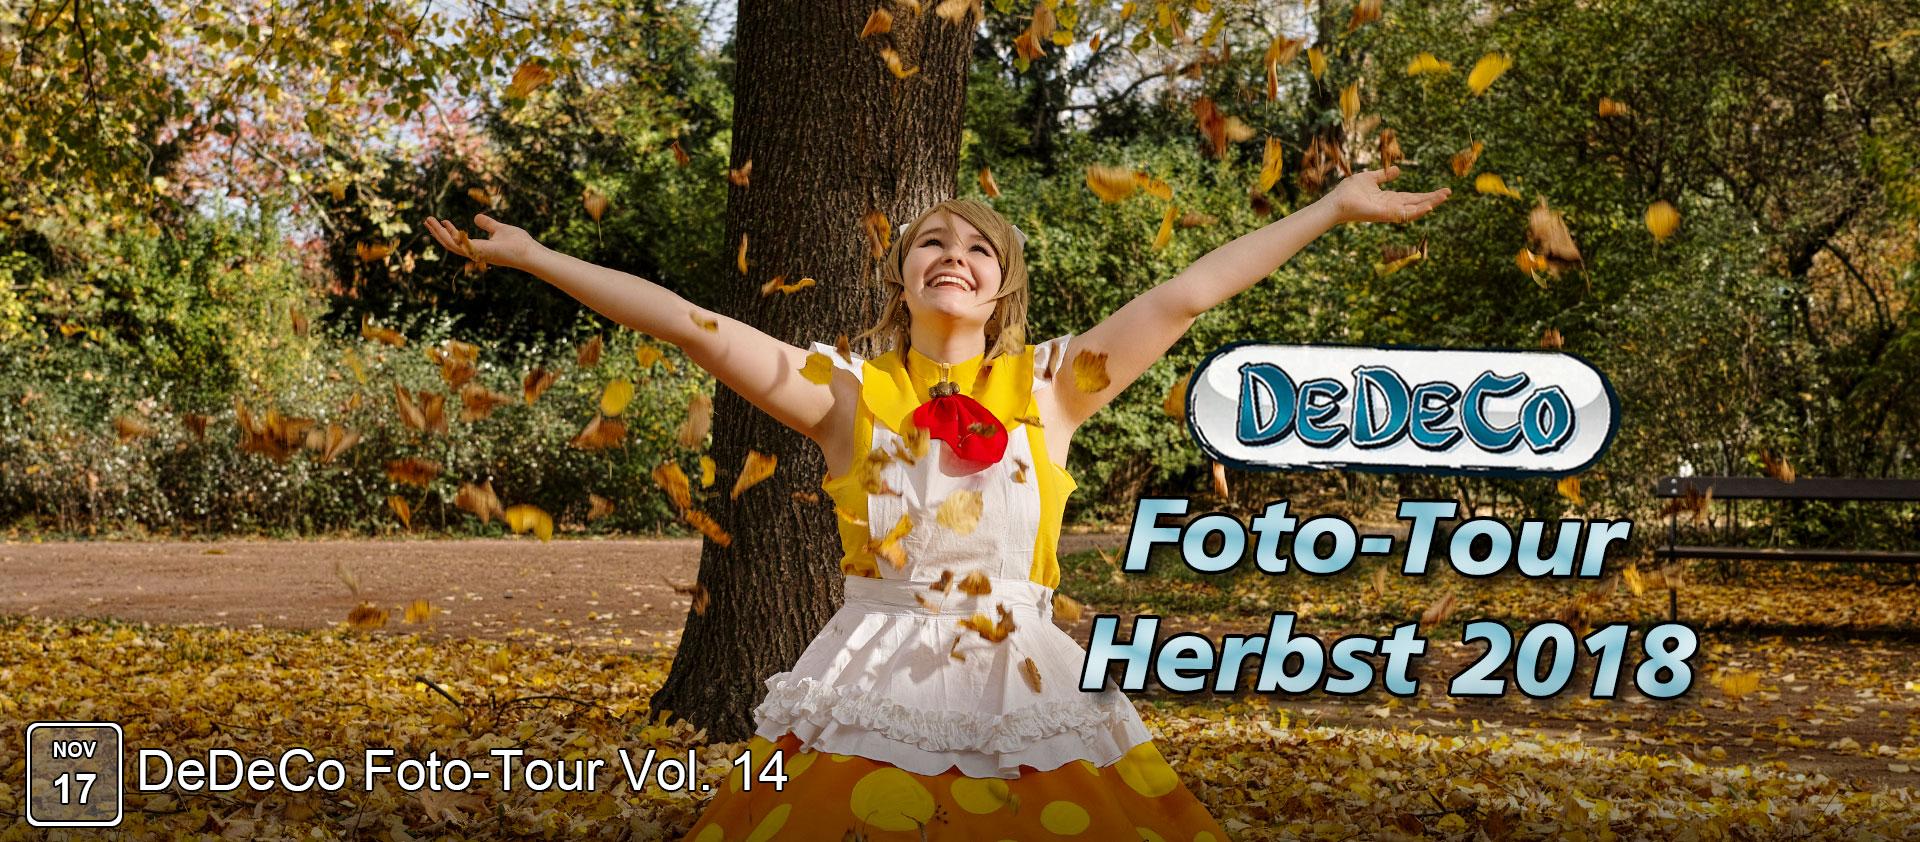 DeDeCo Fototour Vol. 14